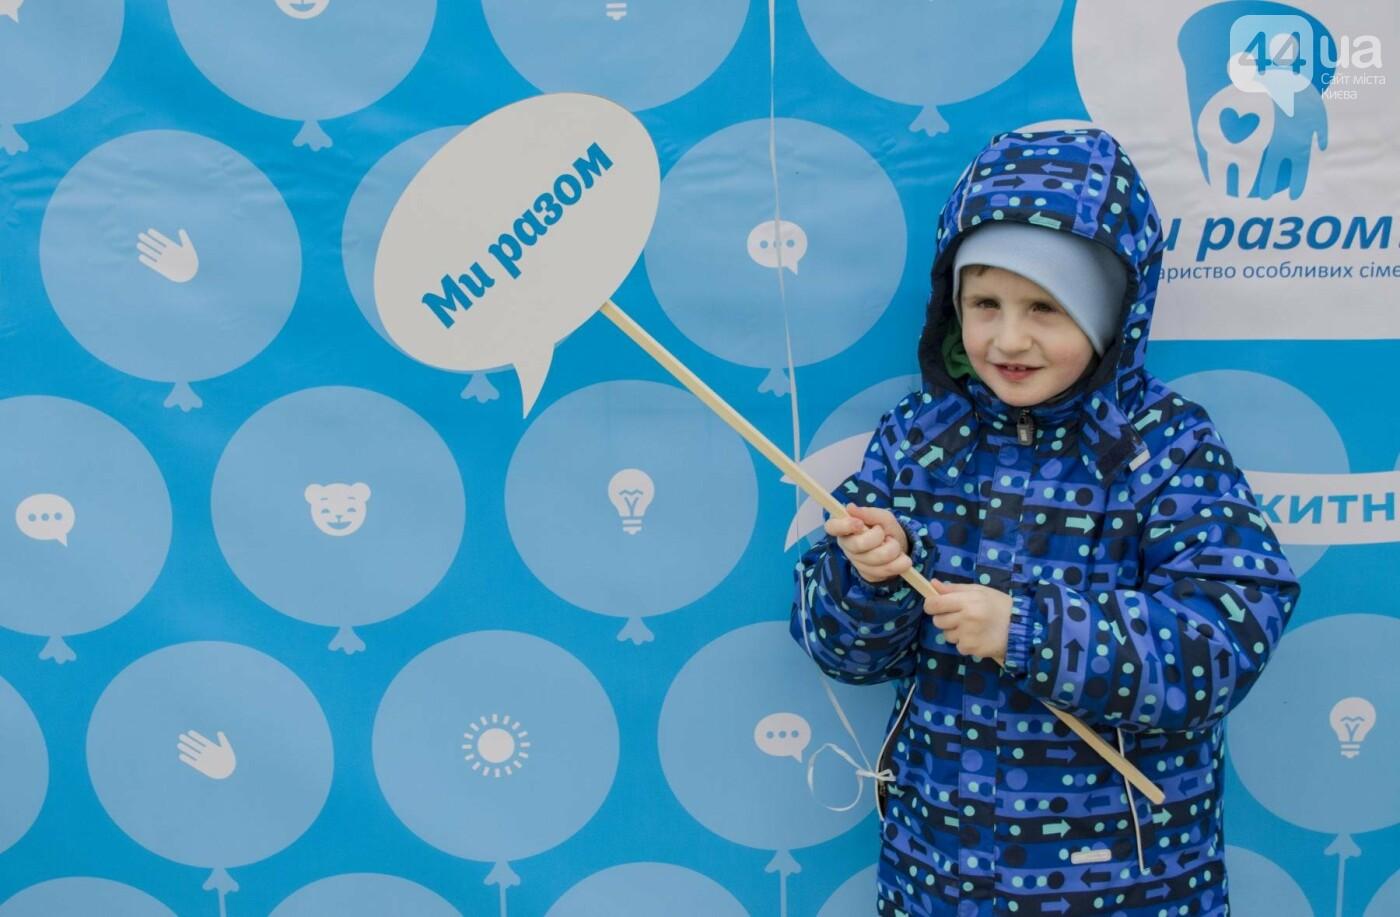 """""""Мы вместе"""": в Киеве прошла акция в поддержку детей и взрослых с аутизмом, фото-14"""